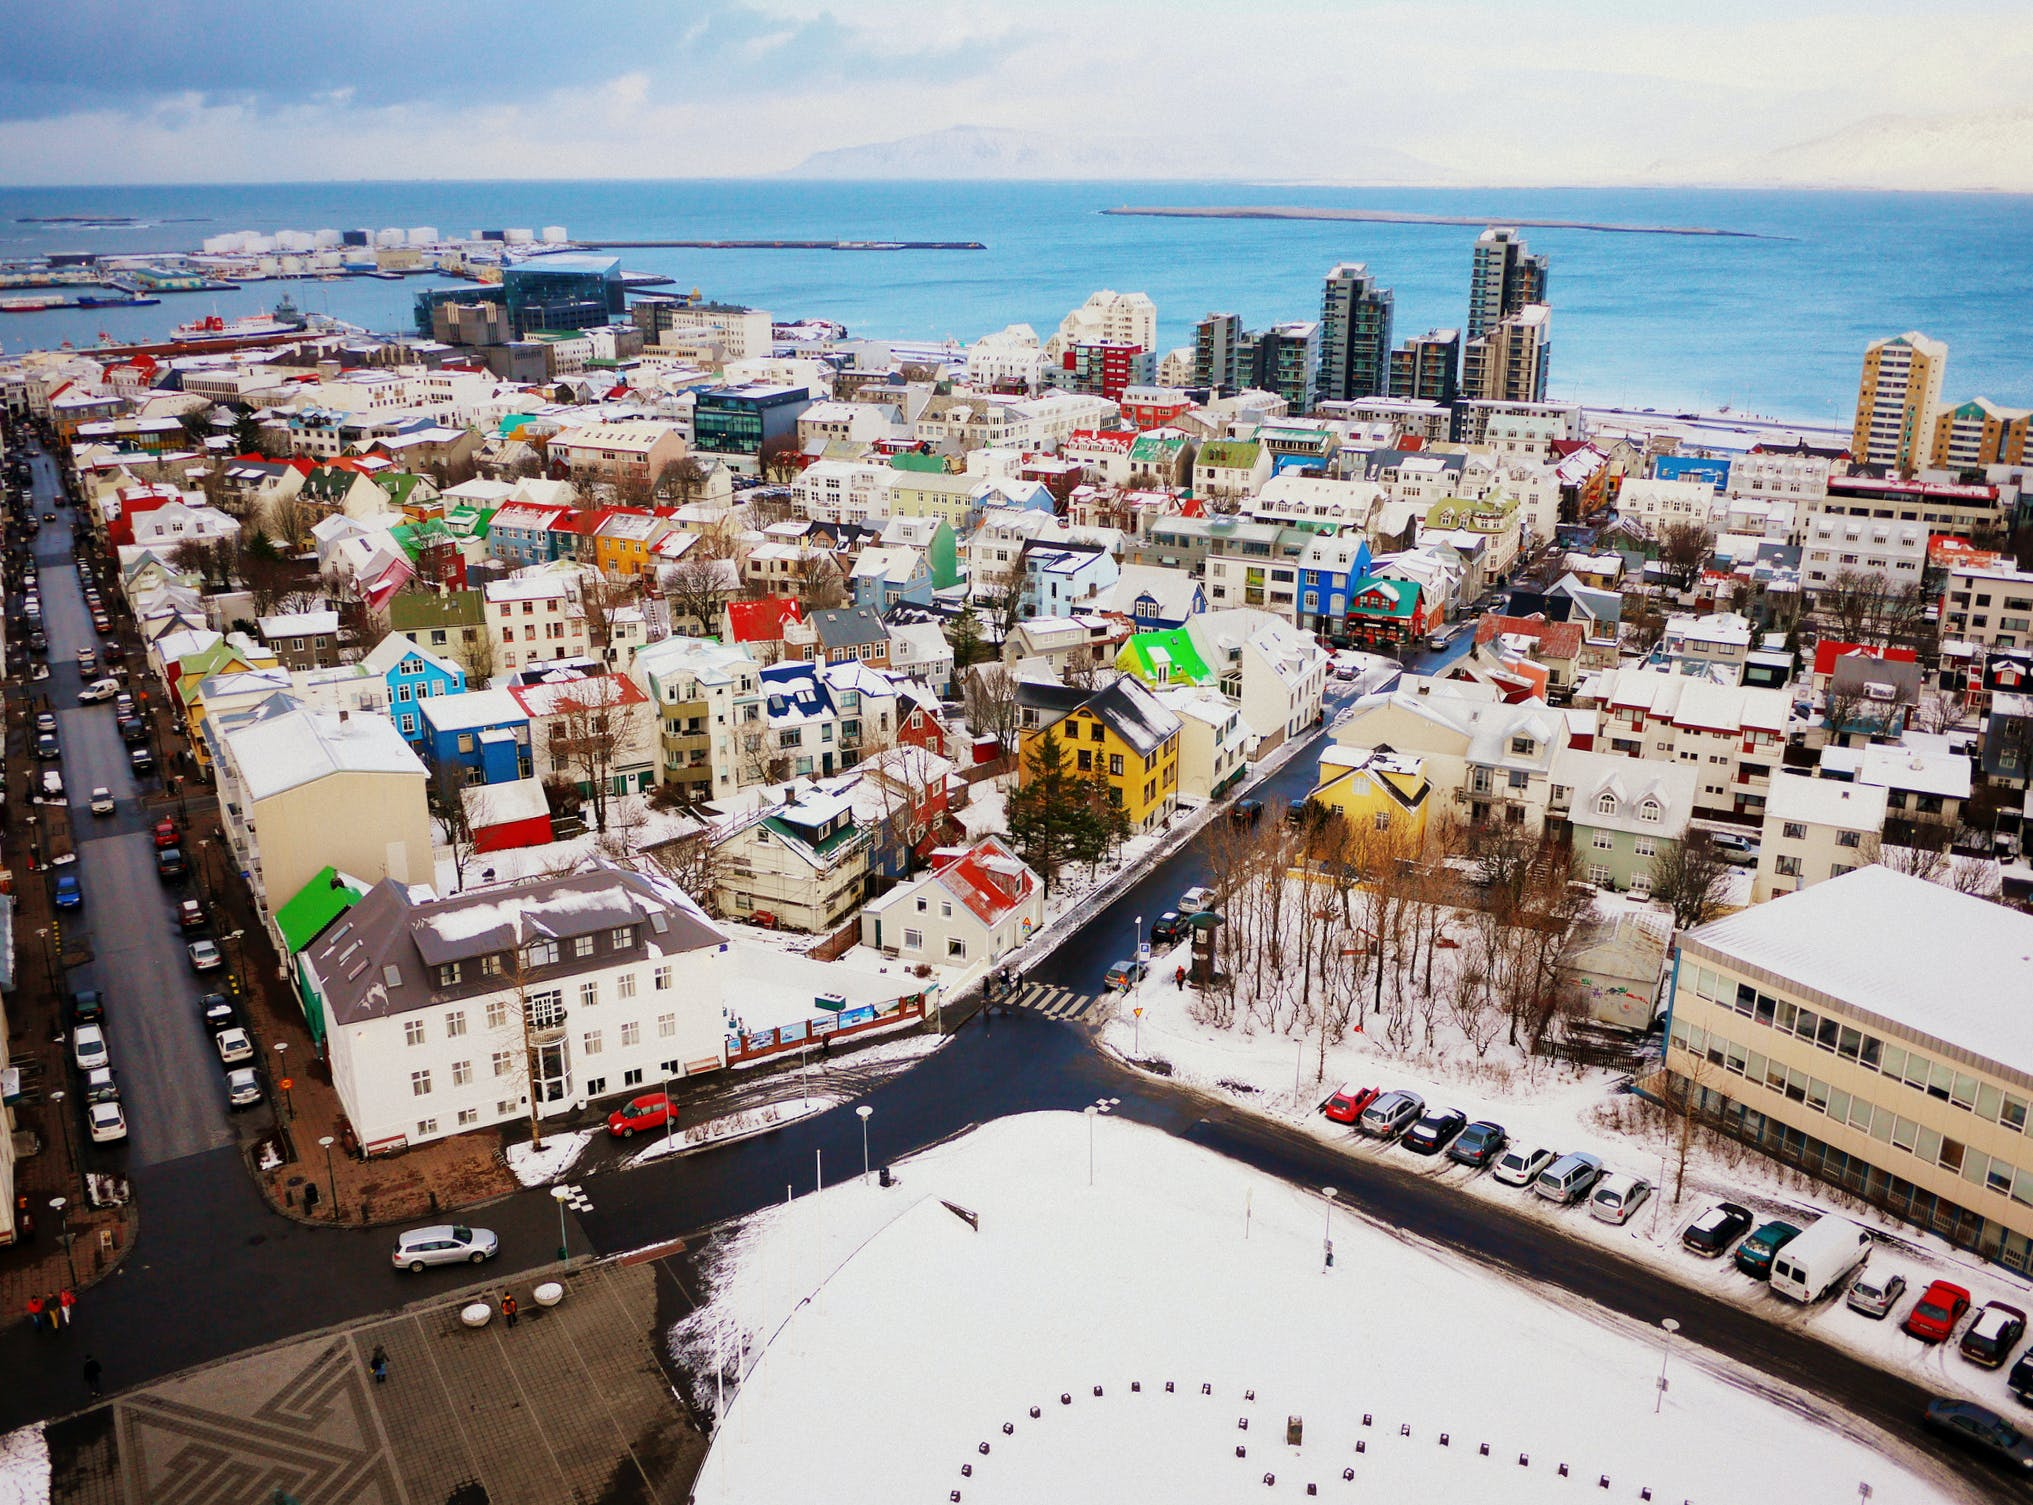 Reykjavík in wintertime